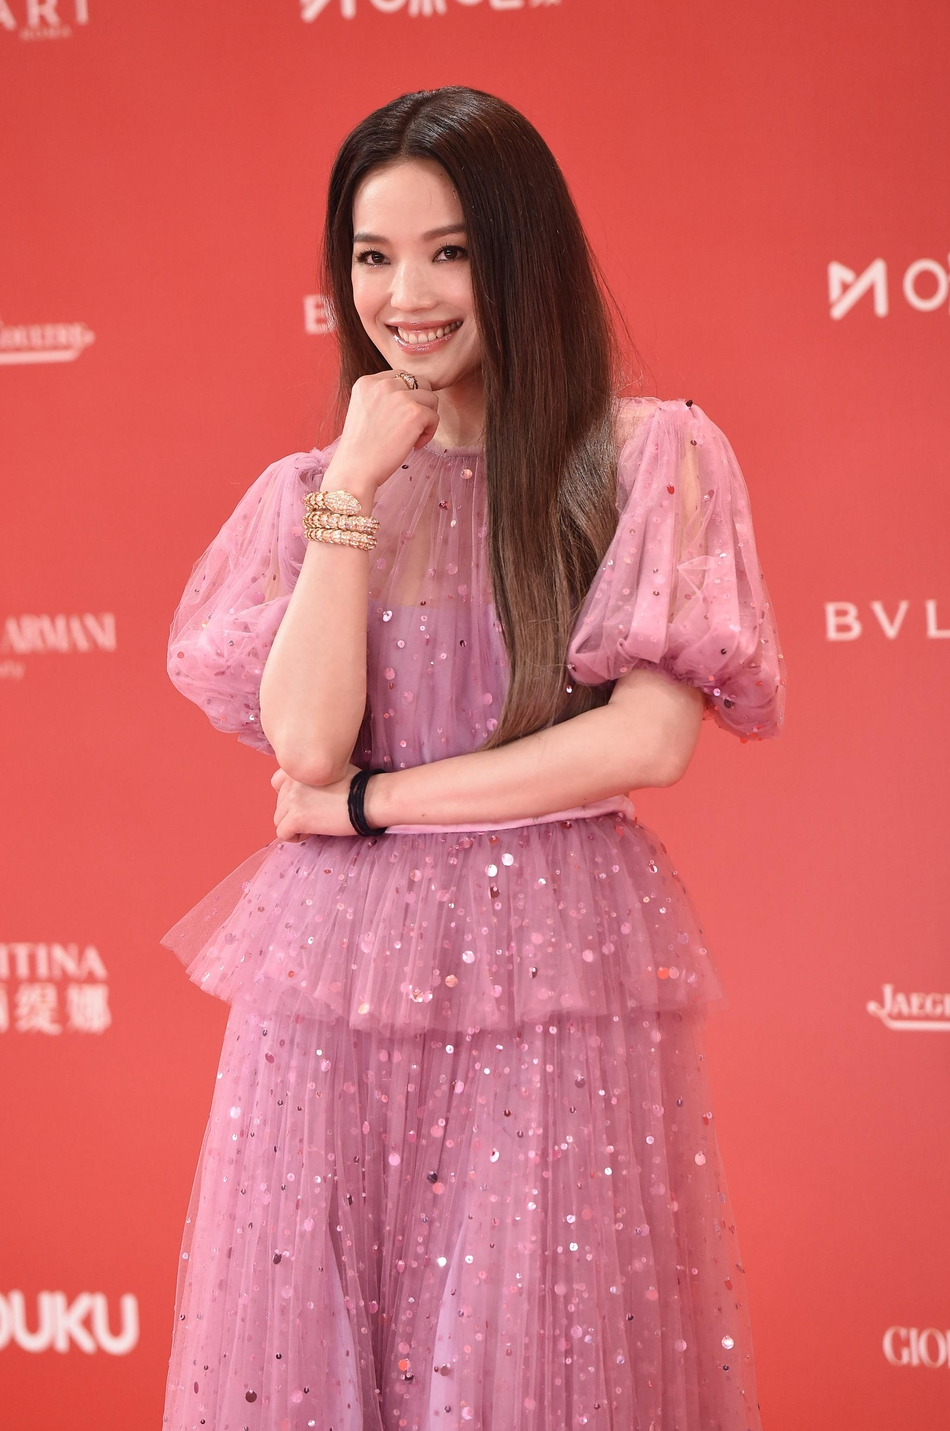 Dàn mỹ nhân Hoa ngữ đọ sắc trên thảm đỏ Liên hoan phim Thượng Hải 2019 - Ảnh 6